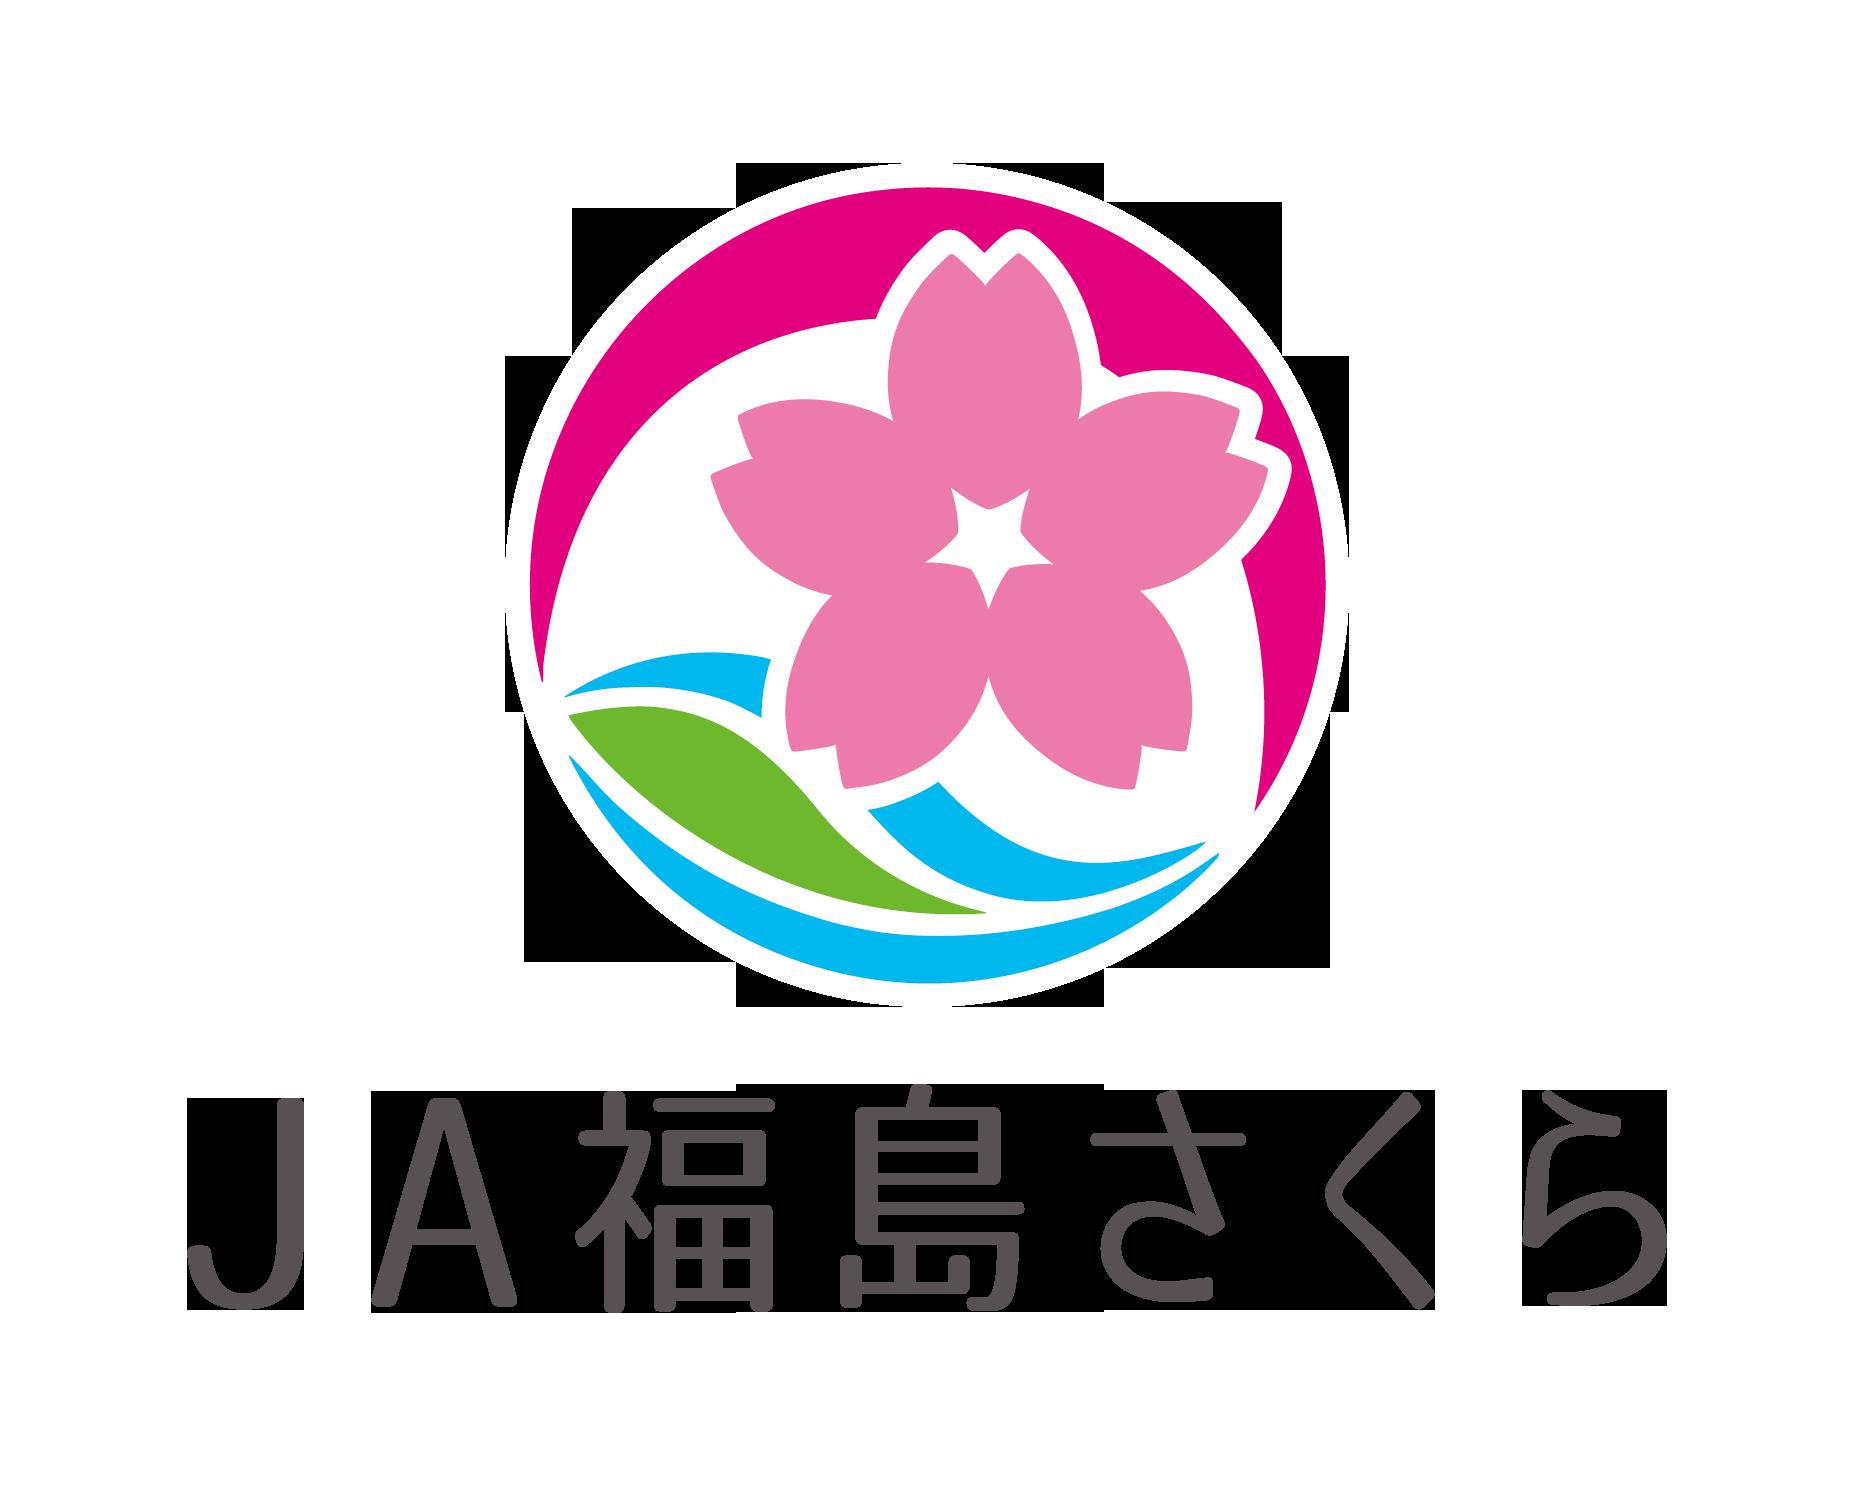 JA福島さくら